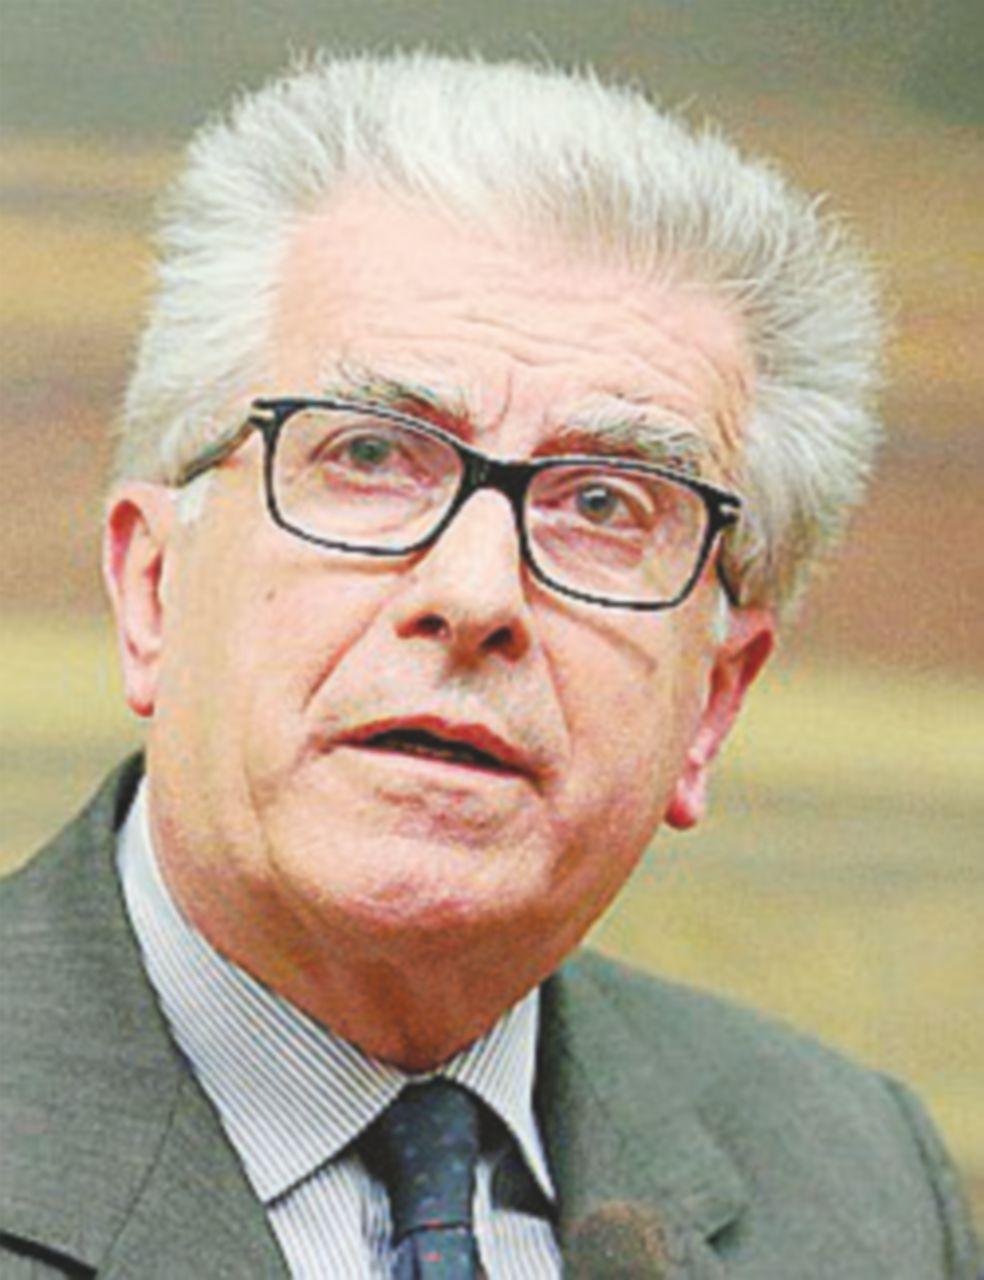 Commissione d'inchiesta sulle banche: nel Pd si litiga